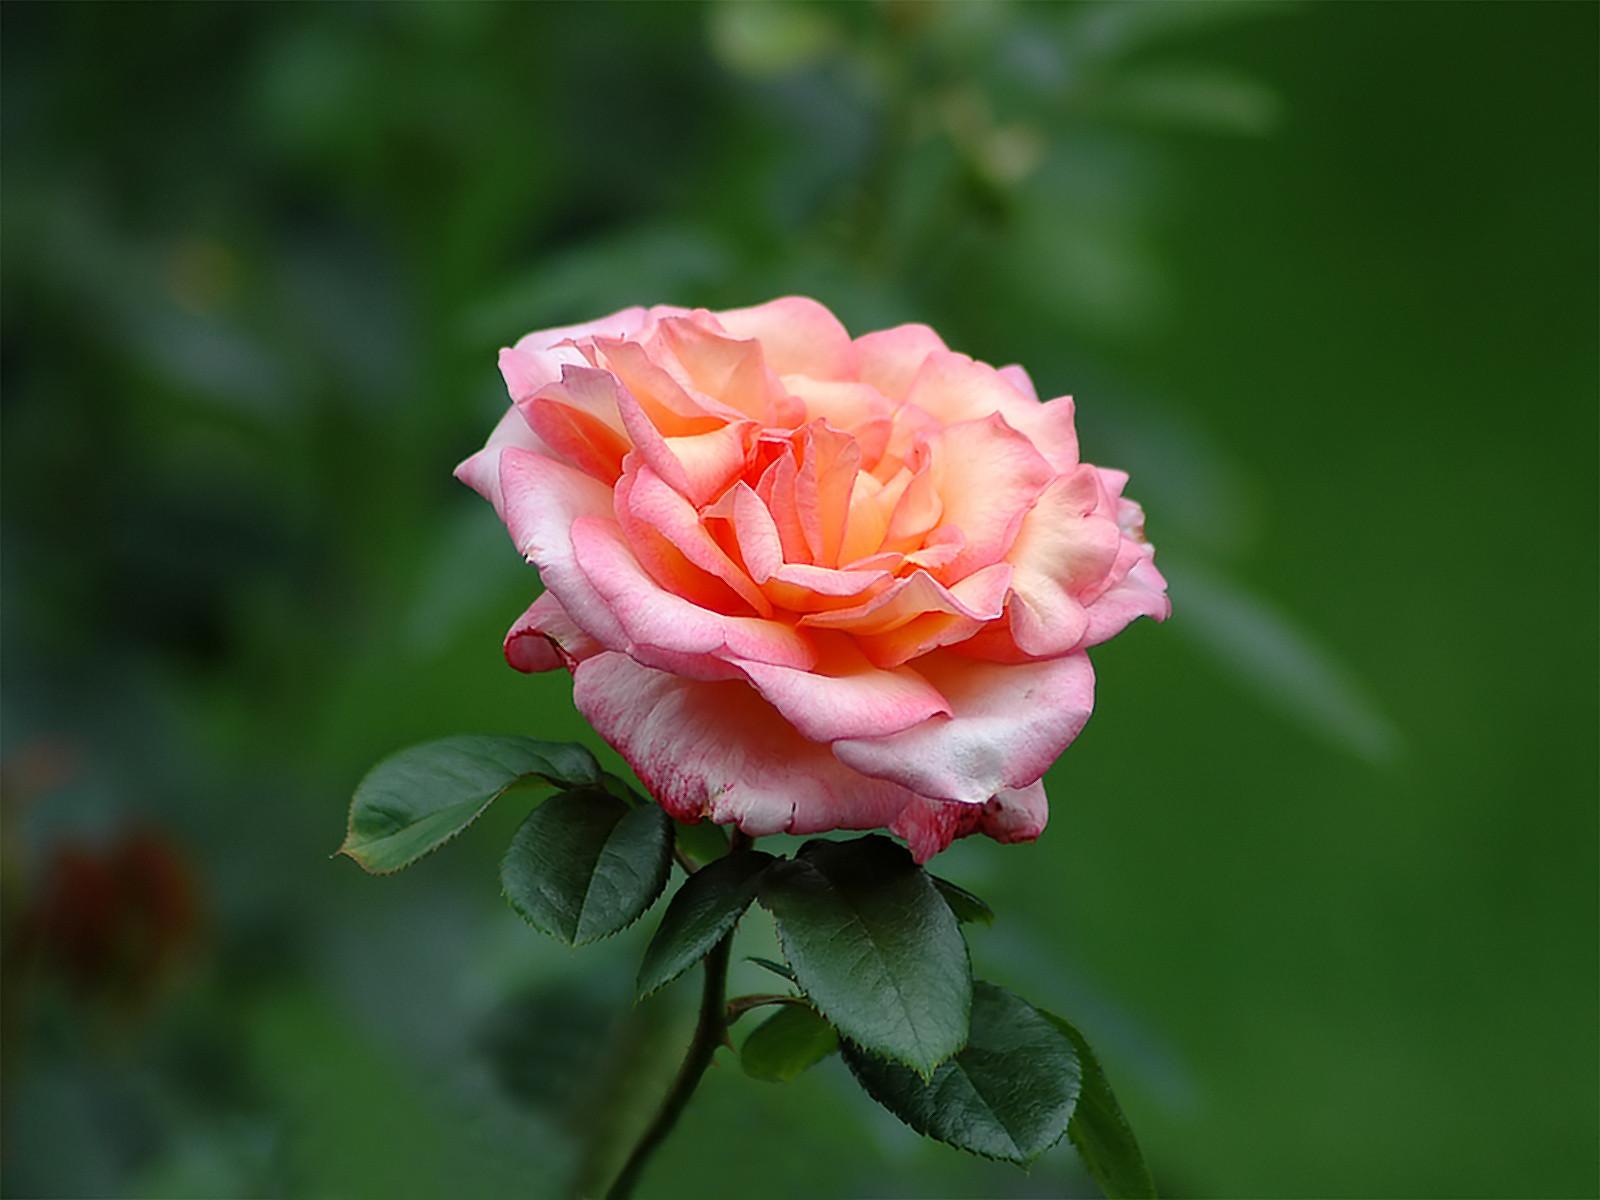 Цветы картинки фото розы, годовщина свадьбы открытки